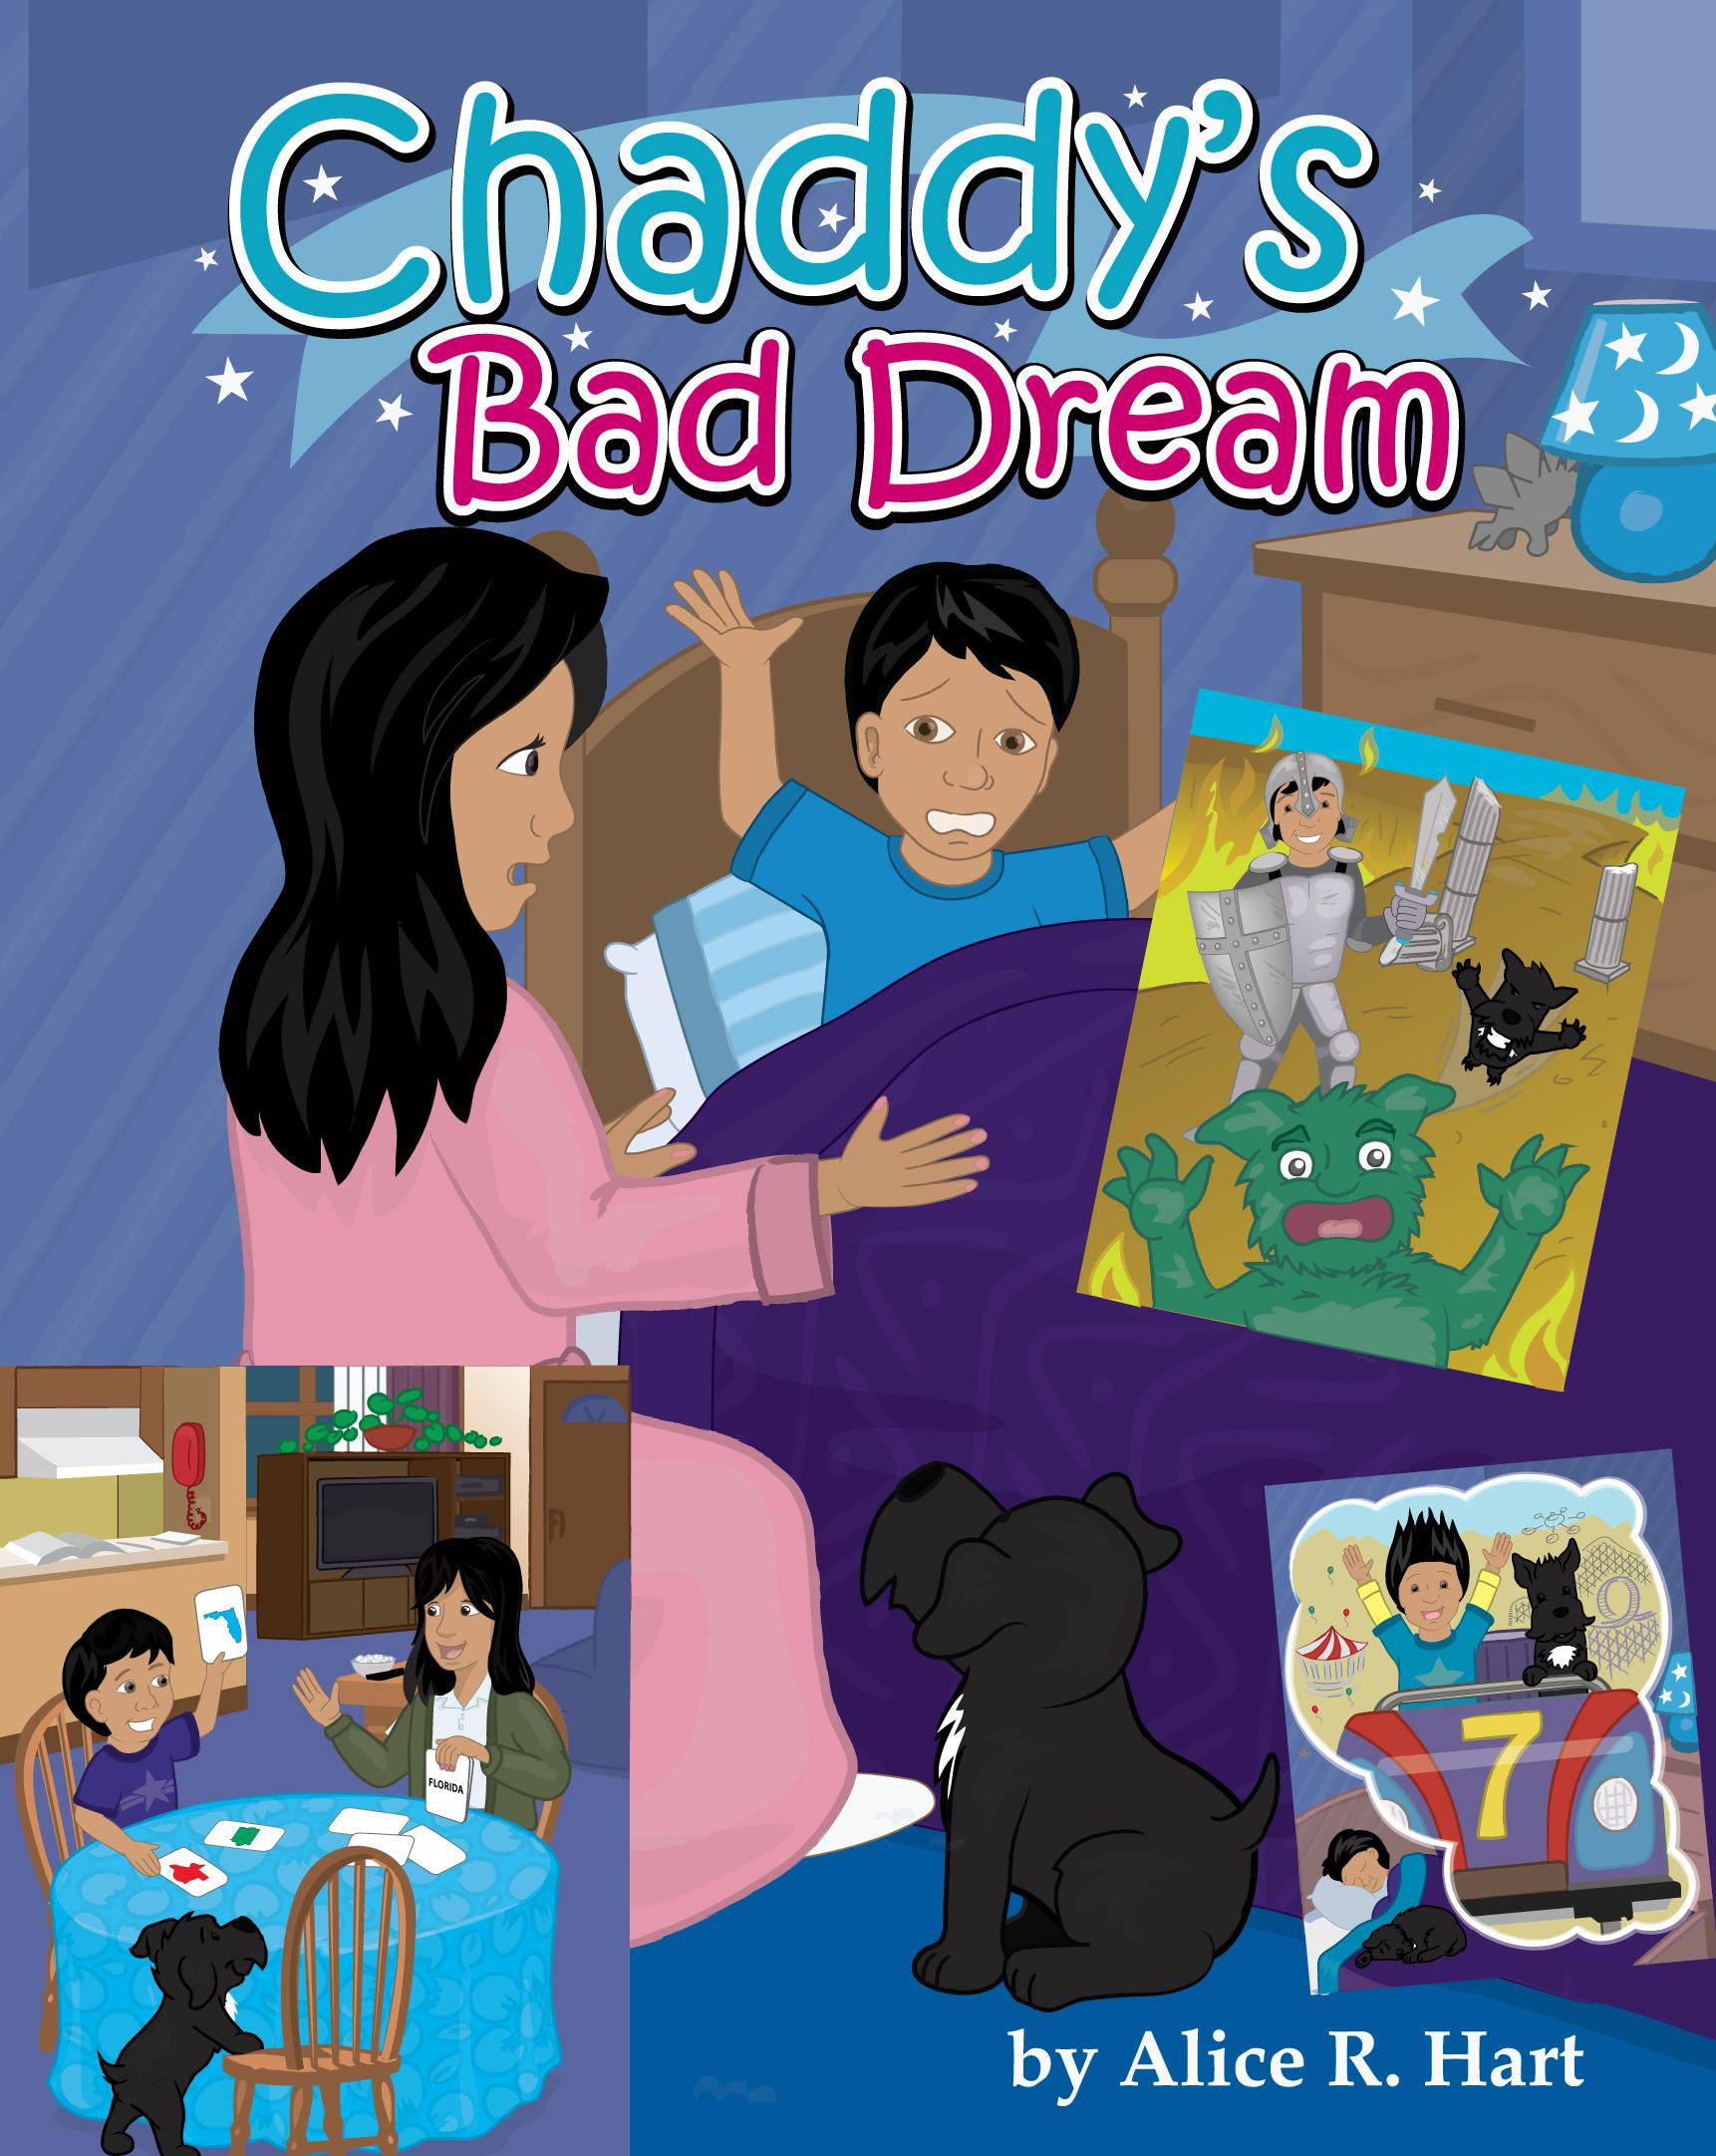 Chaddy Bad dream book cover